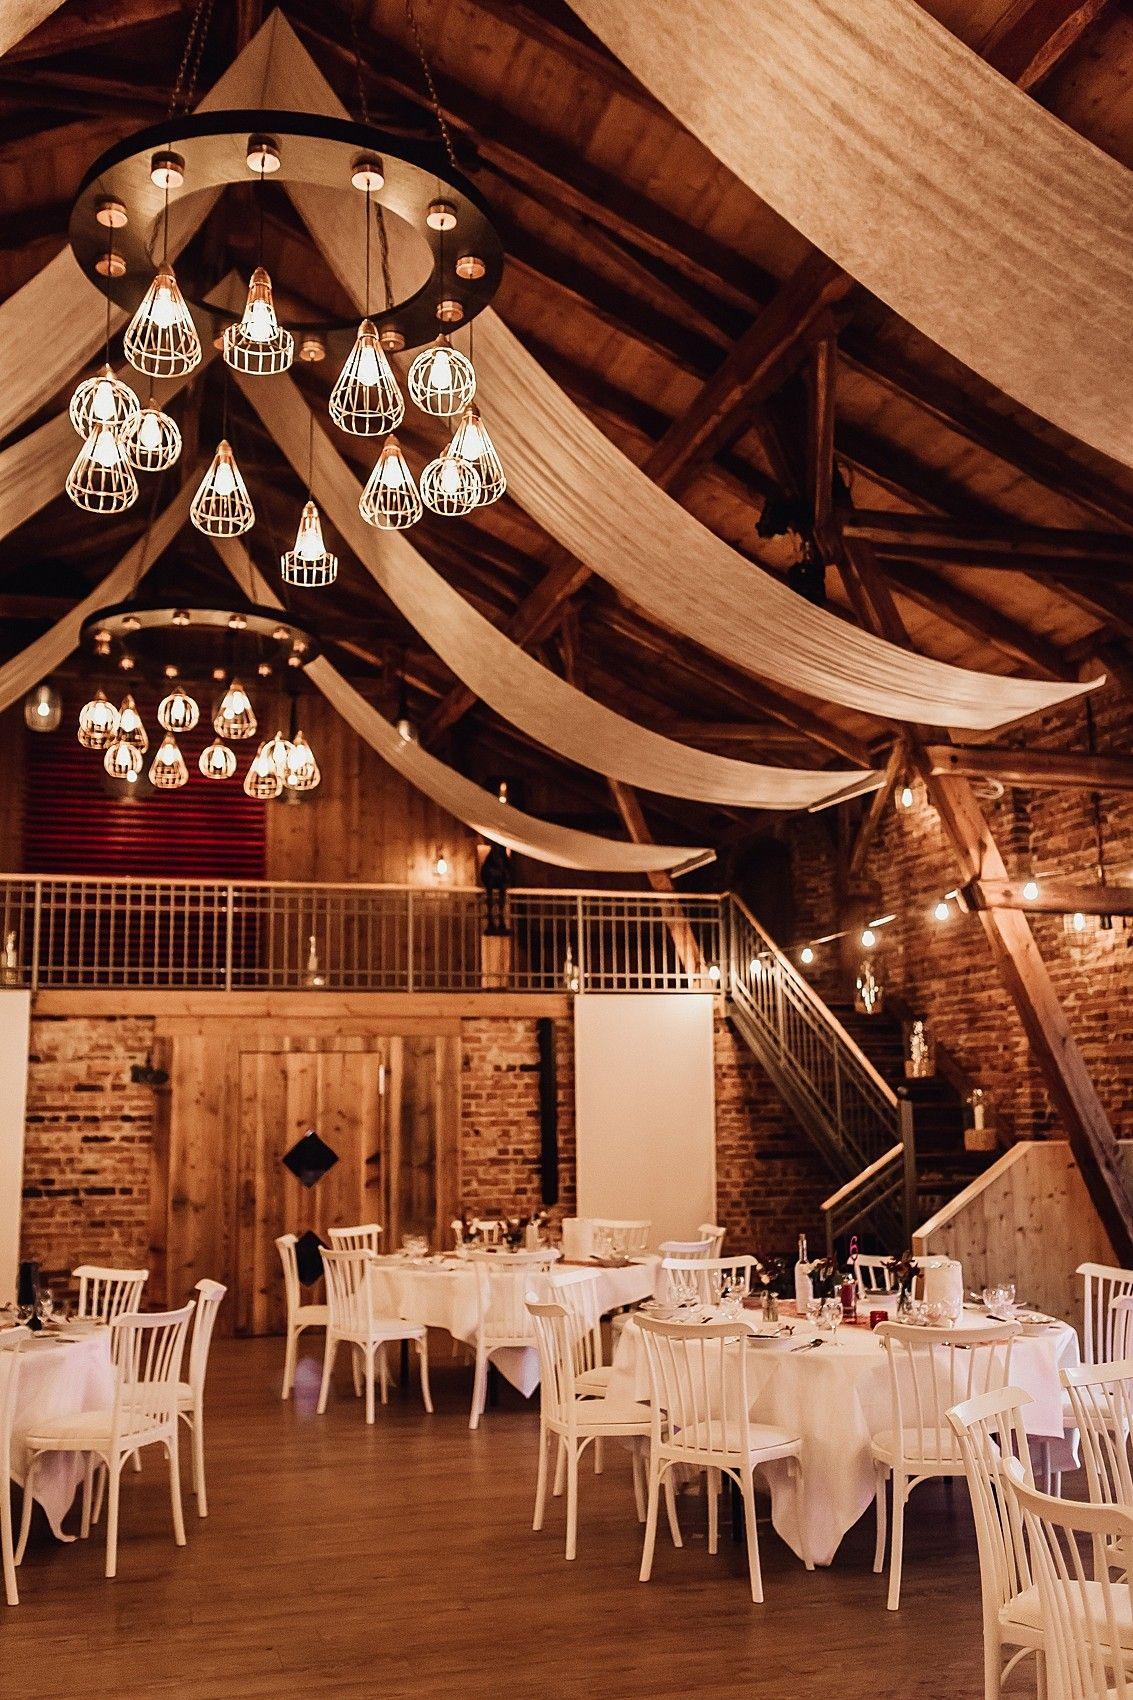 Hochzeit Auf Hof Frien Hochzeitslocation Feierlocation Hochzeit Location Goals Scheunenhochzei Hochzeit Location Hochzeitslocation Herbsthochzeit